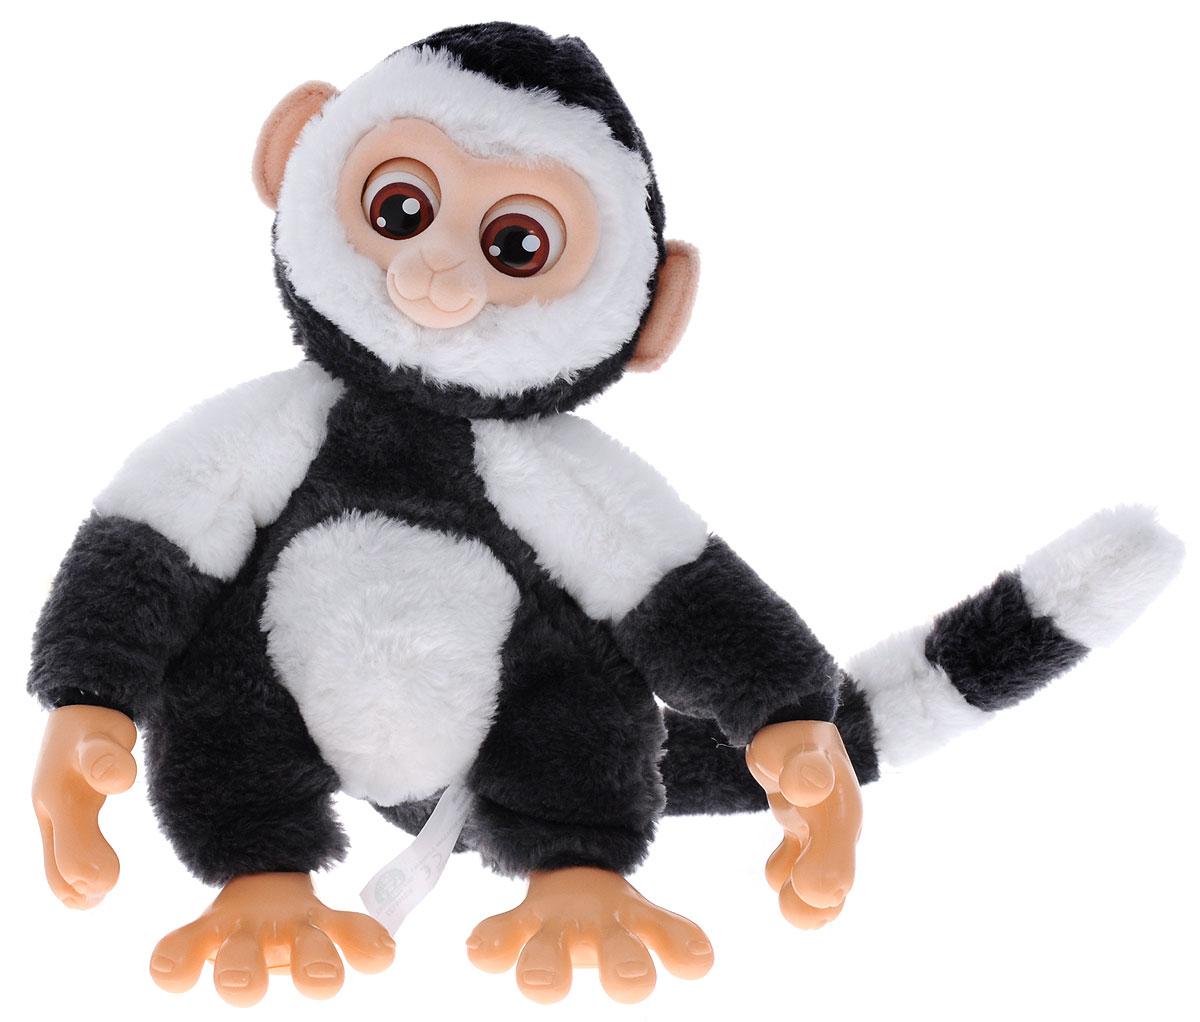 Emotion Pets Интерактивная игрушка Обезьяна цвет серый белый2063776Интерактивная игрушка Emotion Pets Обезьяна непременно понравится вашему малышу и станет его лучшим другом! Трогательная обезьянка покрыта искусственных мехом, она невероятно мягка и приятная на ощупь. Чтобы поиграть с веселой обезьянкой, переведите выключатель в спинке игрушки в режим ON - обезьянка проснется, подвигает хвостом и издаст милые звуки! Чтобы покормить обезьянку, поднесите пищу ко рту игрушки, и вы услышите, как она жует. После еды она поблагодарит вас, двигая хвостом и издавая счастливые звуки. Если она не хочет есть, она издаст разочарованный звук. Обезьянка очень любит обниматься. Благодаря своим специальным хватательным ручкам, она может держаться на чем угодно. Если вы погладите обезьянку по голове или по животику, она издаст счастливые звуки и будет двигать хвостом. Игрушка переходит в спящий режим, если вы не будете играть с ней в течение 60 секунд. Чтобы уложить питомца спать, необходимо подвесить его за хвост вниз головой - как и...